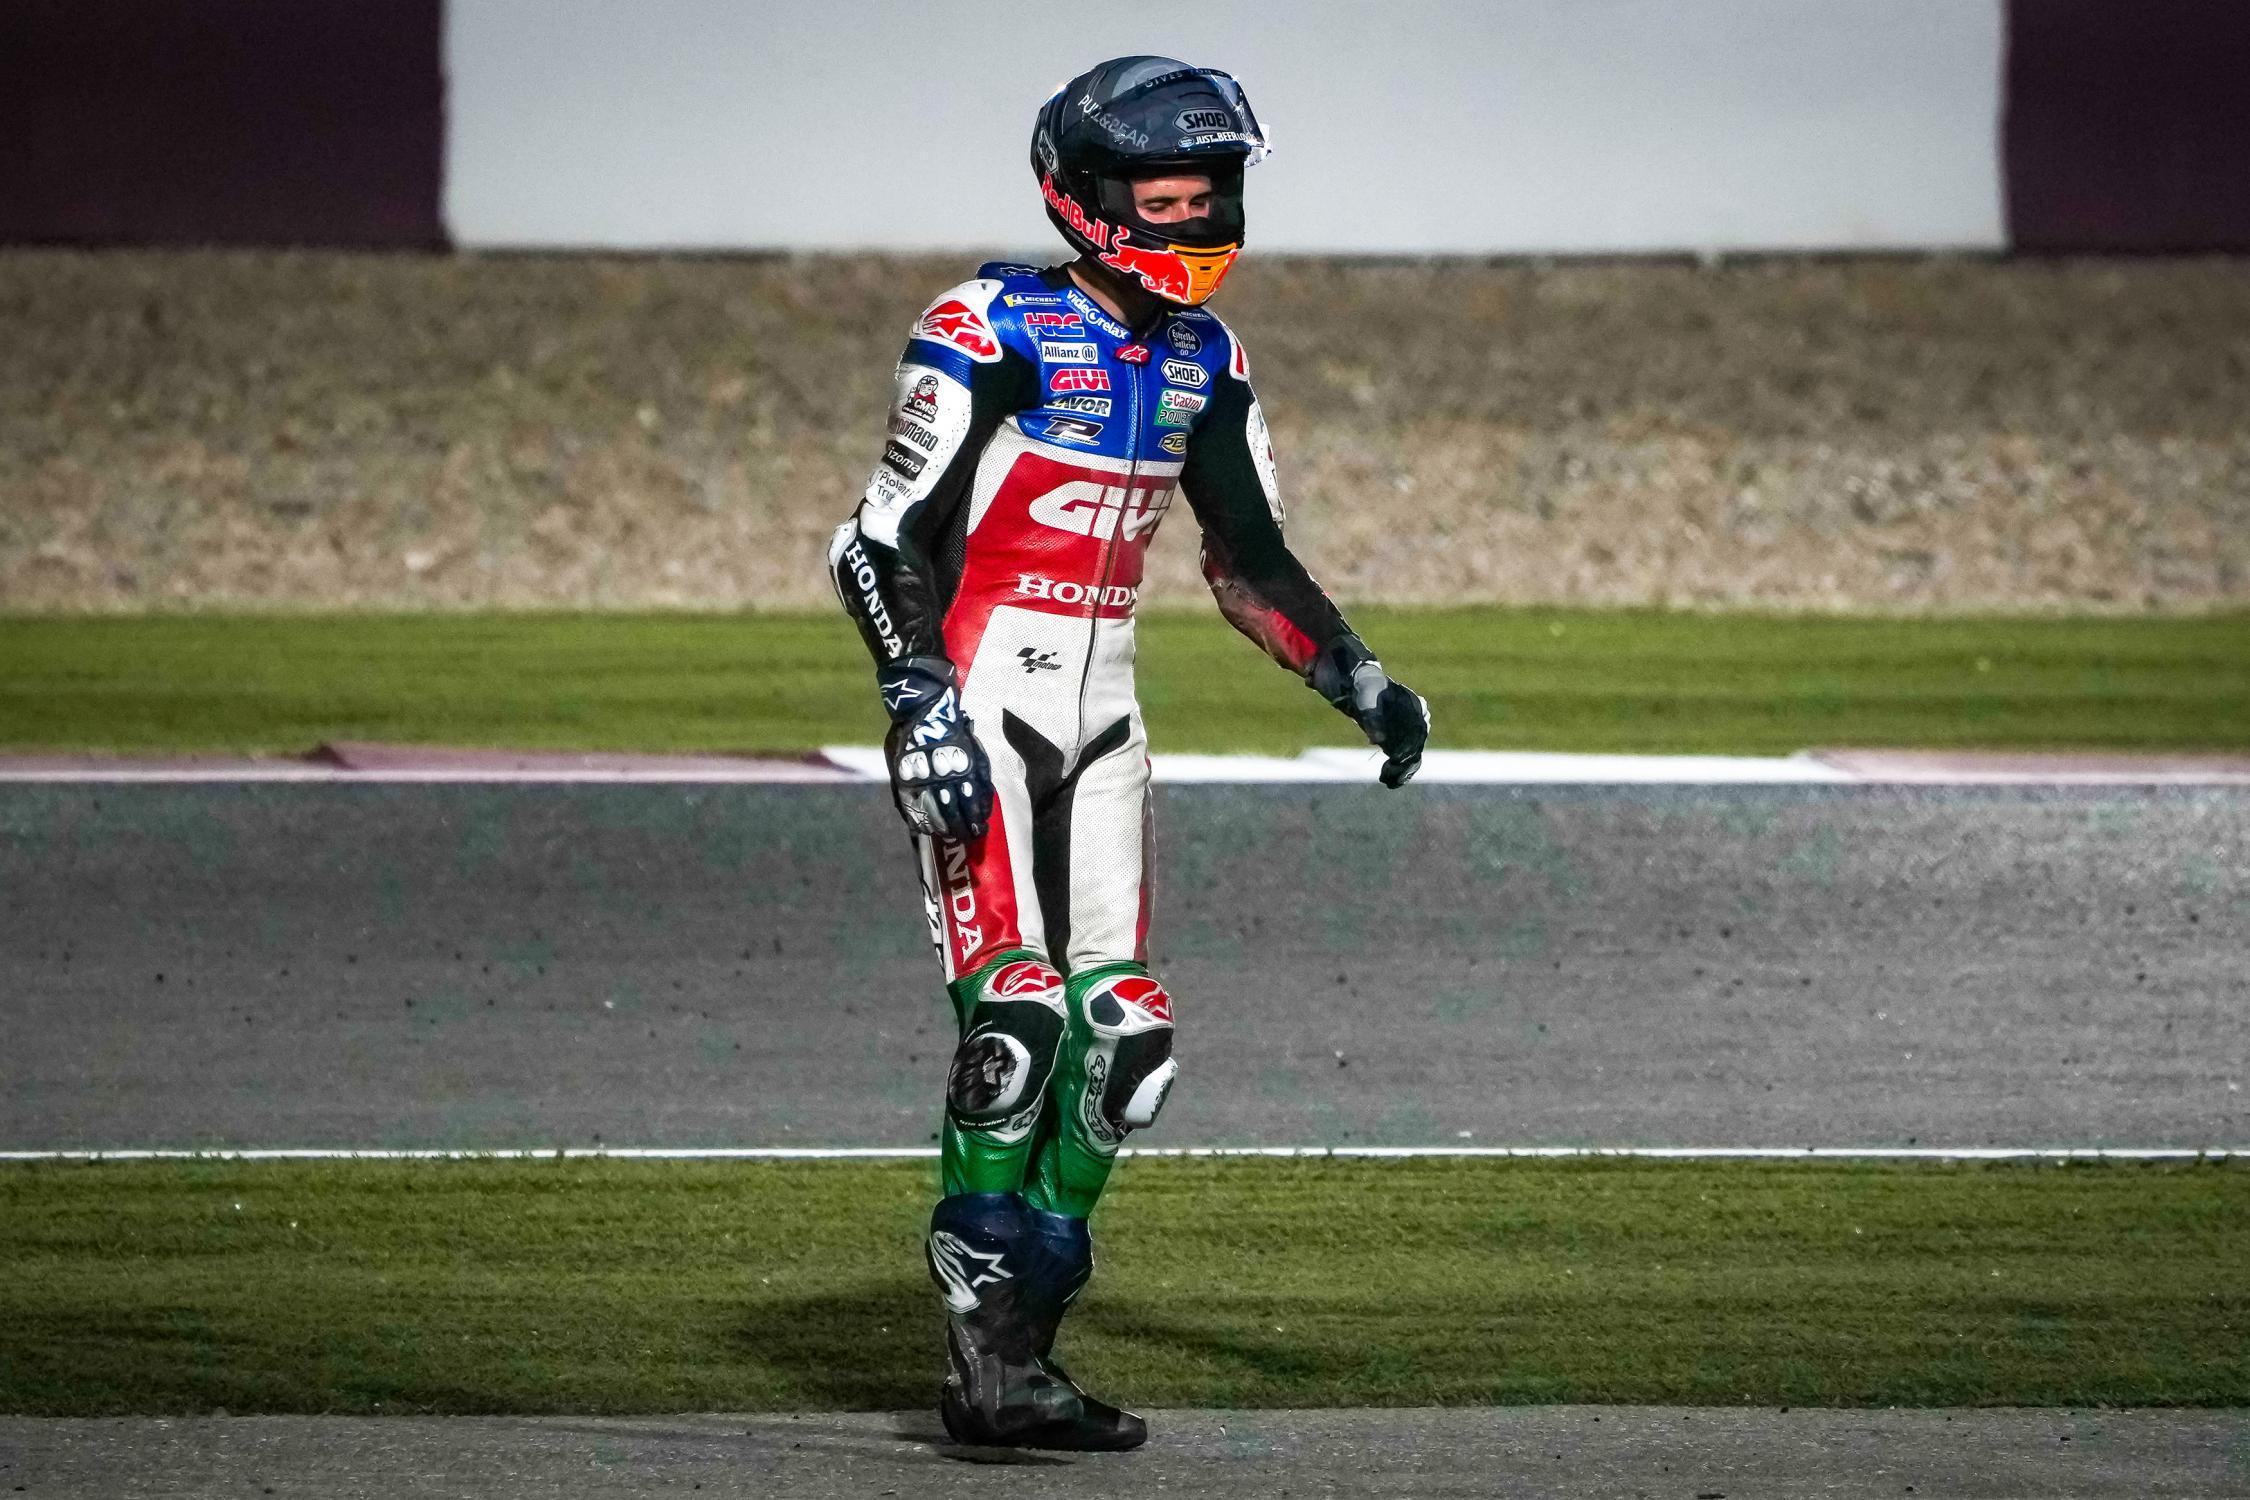 Alex Marquez MotoGP preseason testing